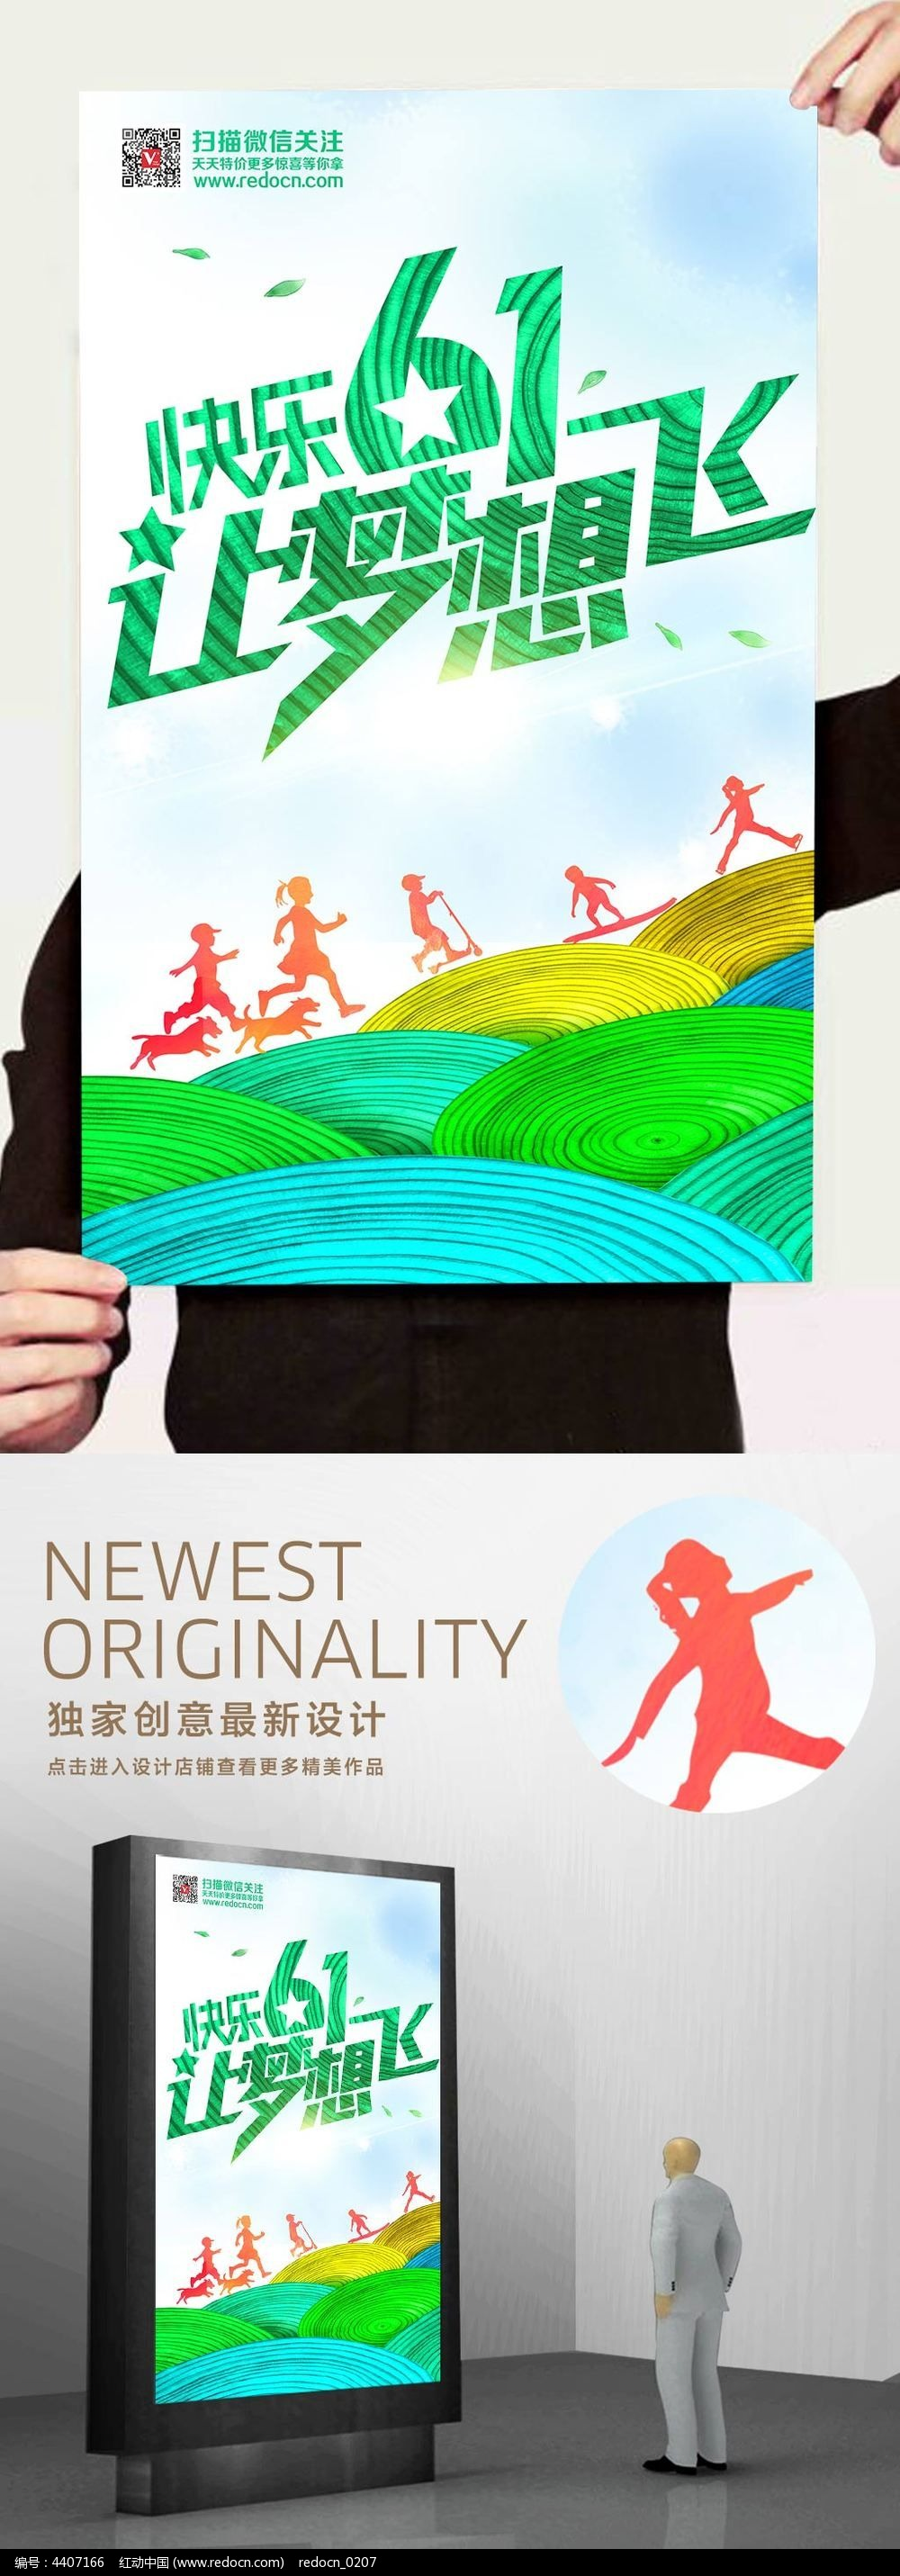 欢乐童年精彩无限六一海报设计图片